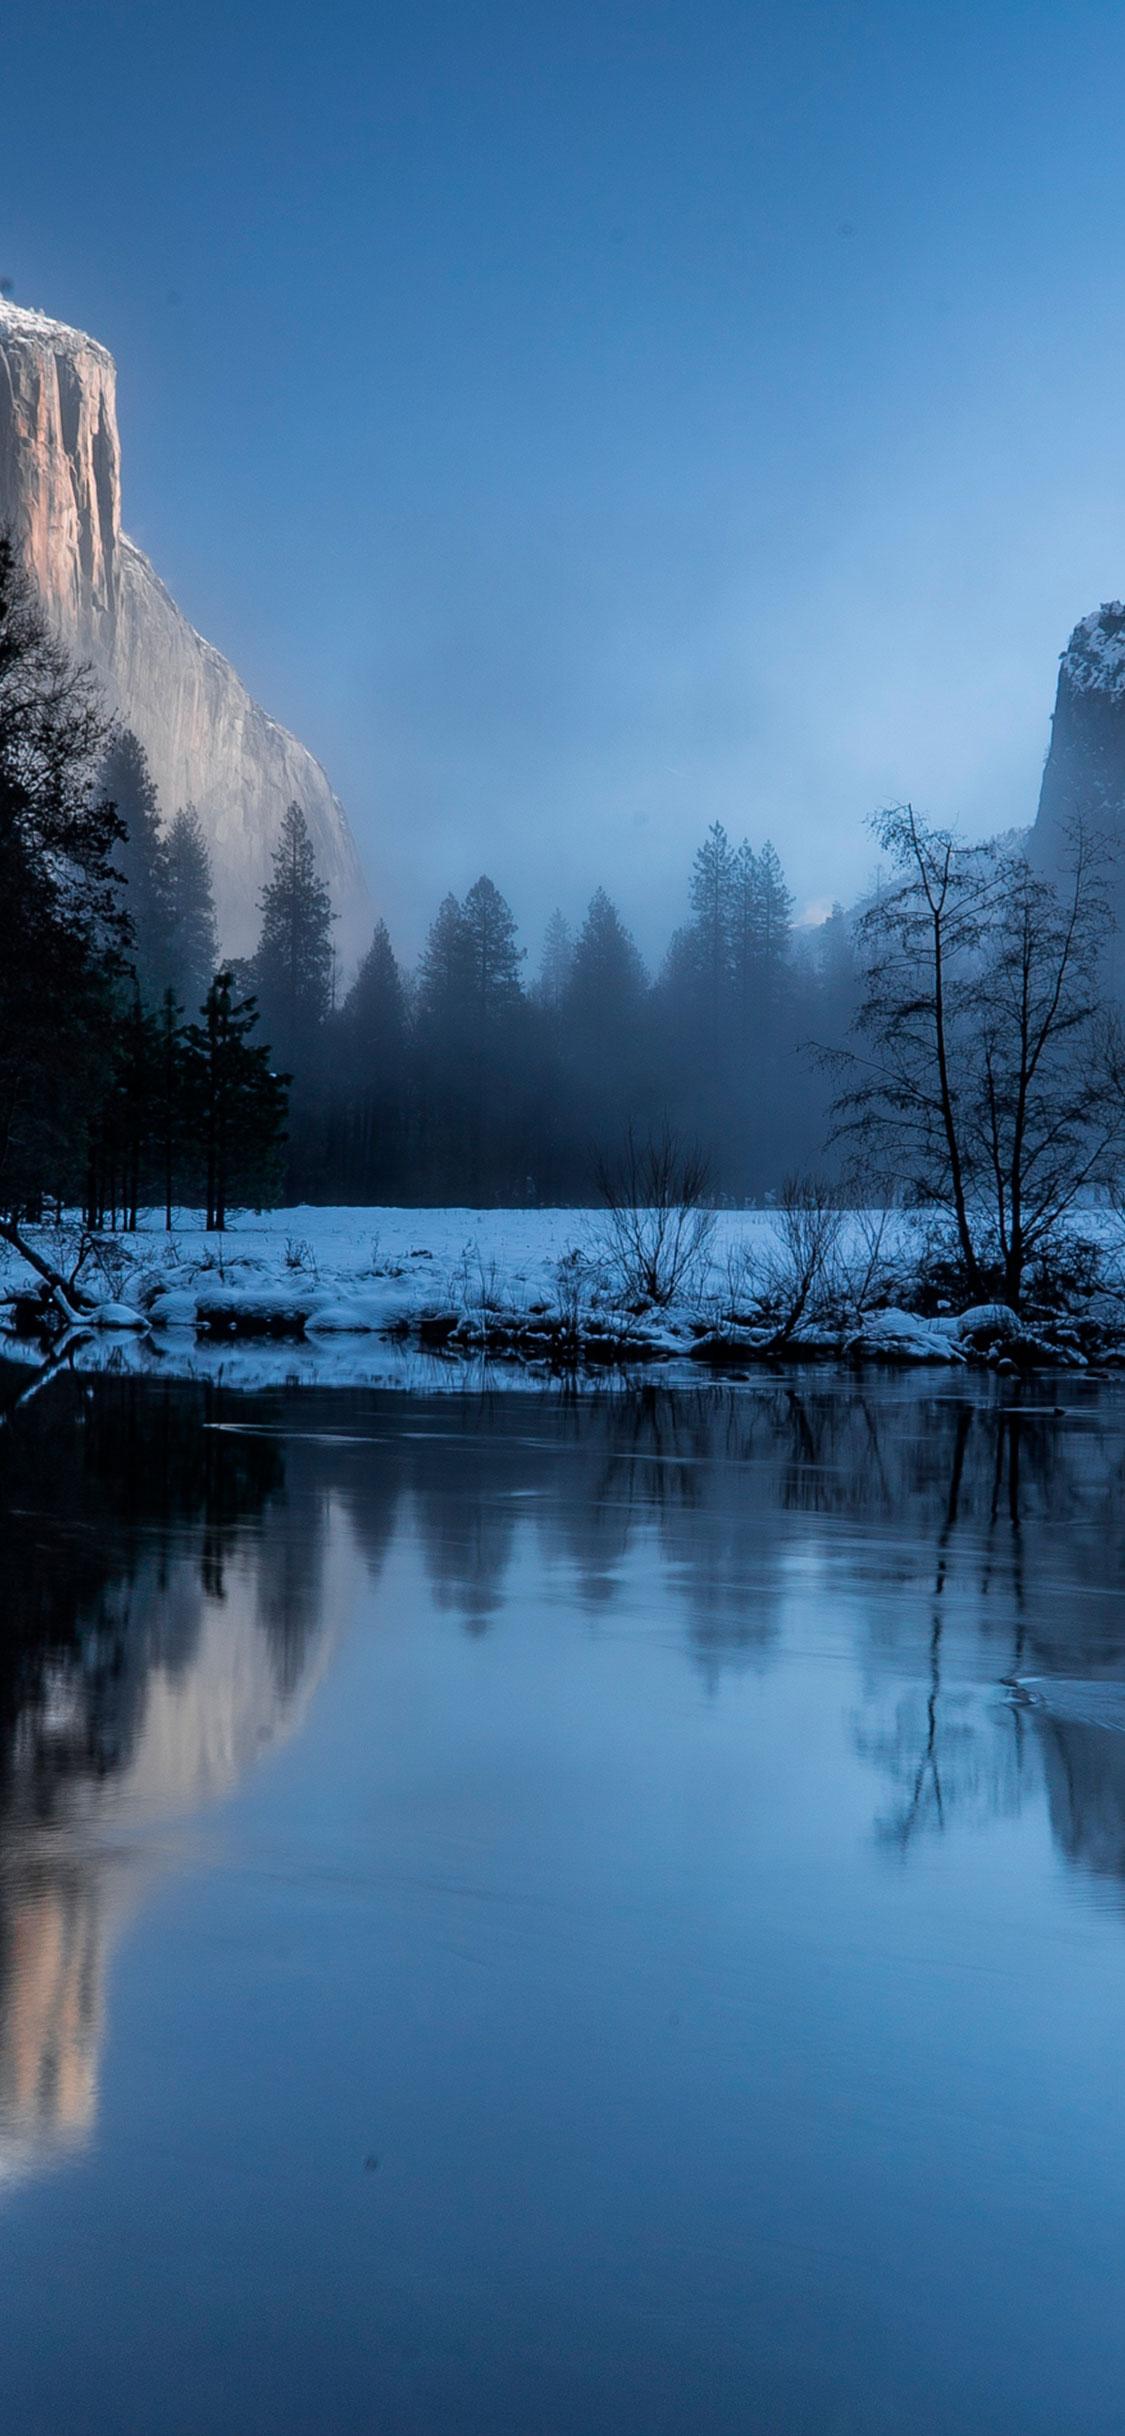 iPhone wallpaper mountain lake snow Mountains